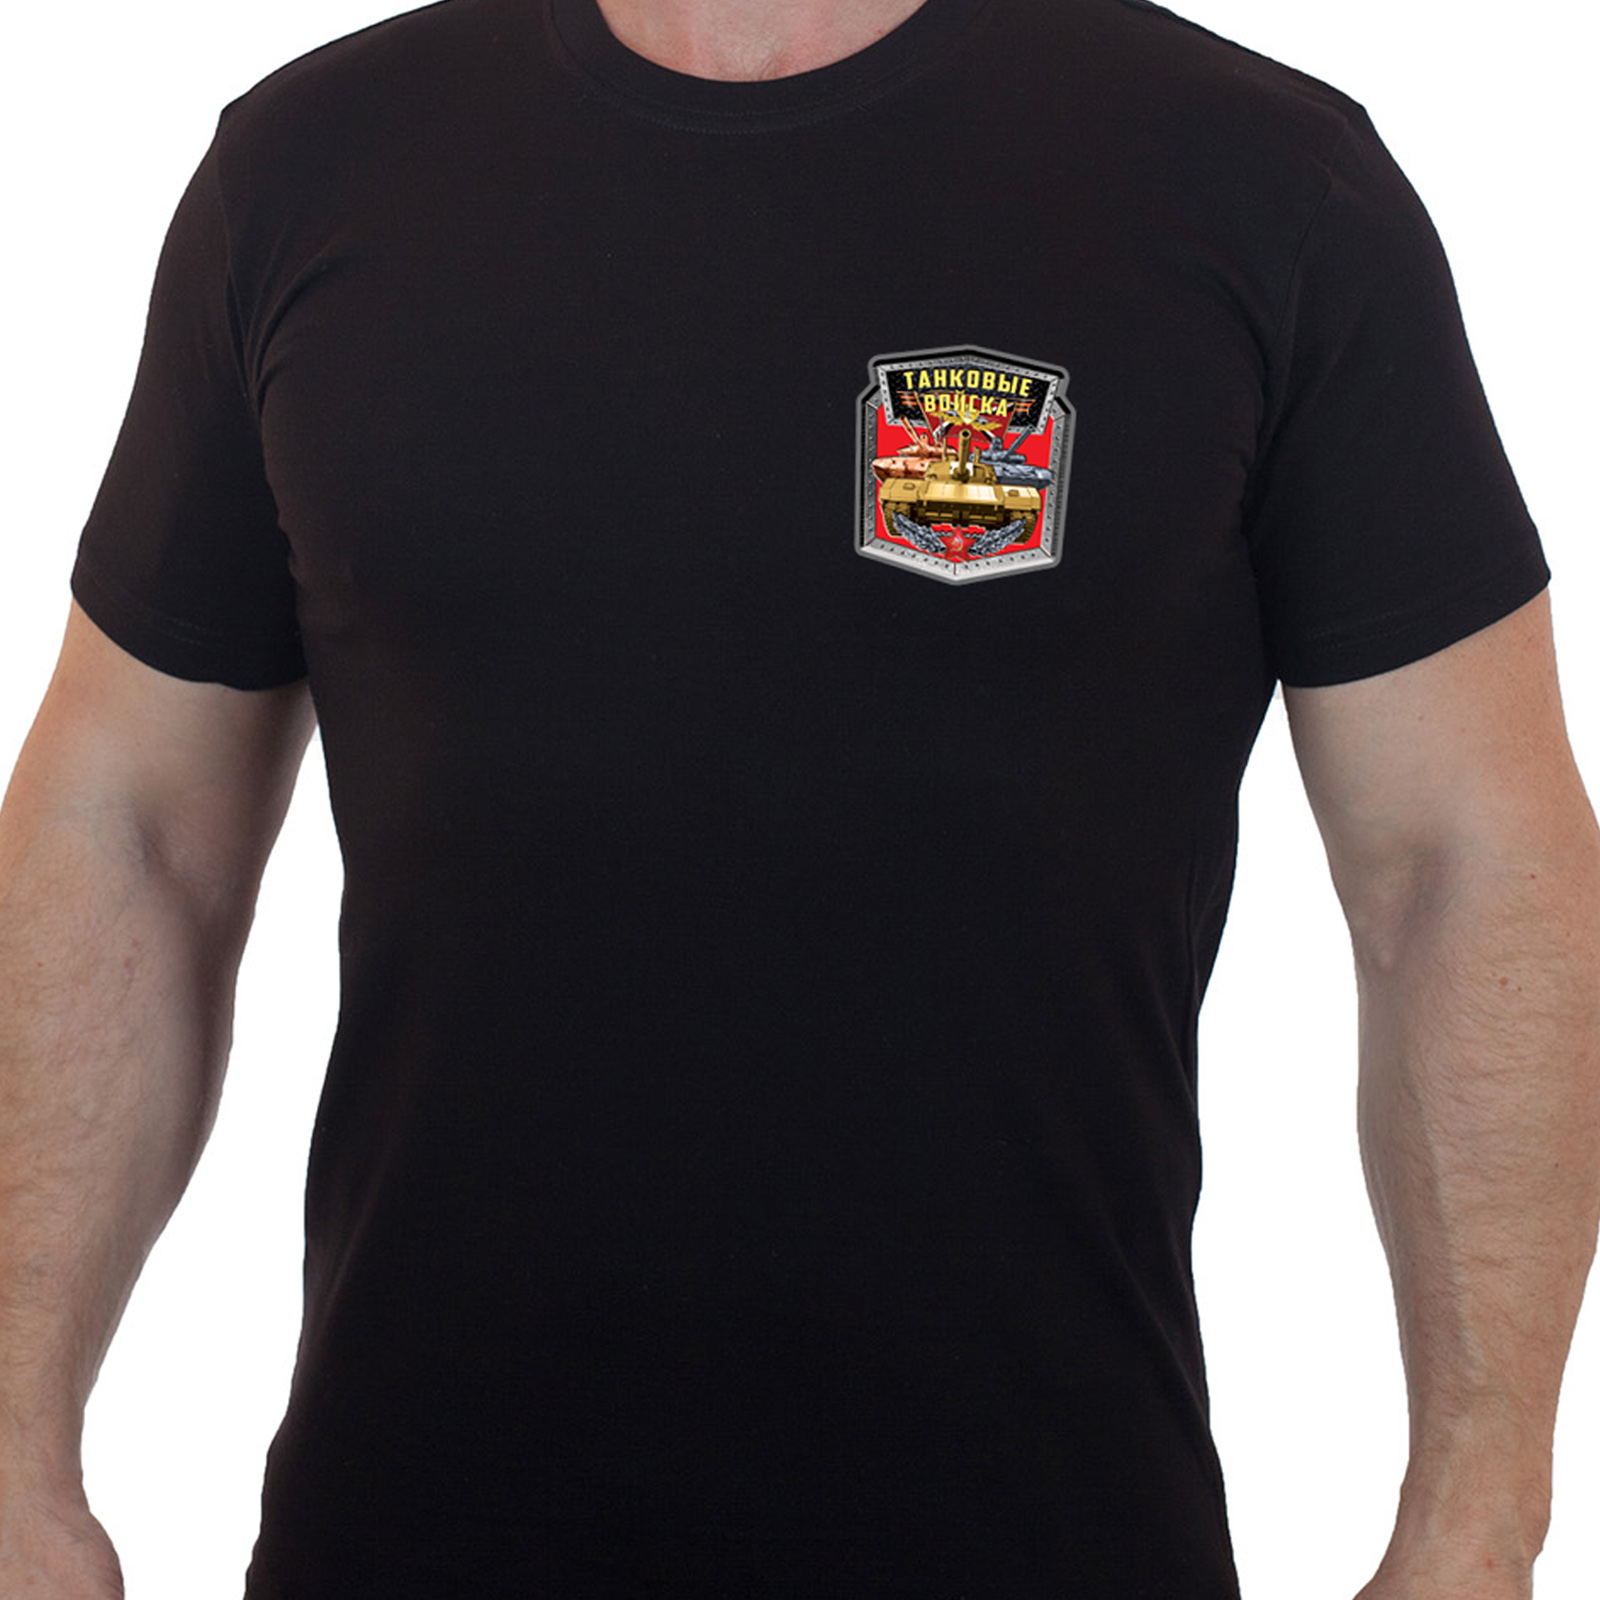 Эксклюзив для российских танкистов – мужская футболка с эмблемой Танковых войск.